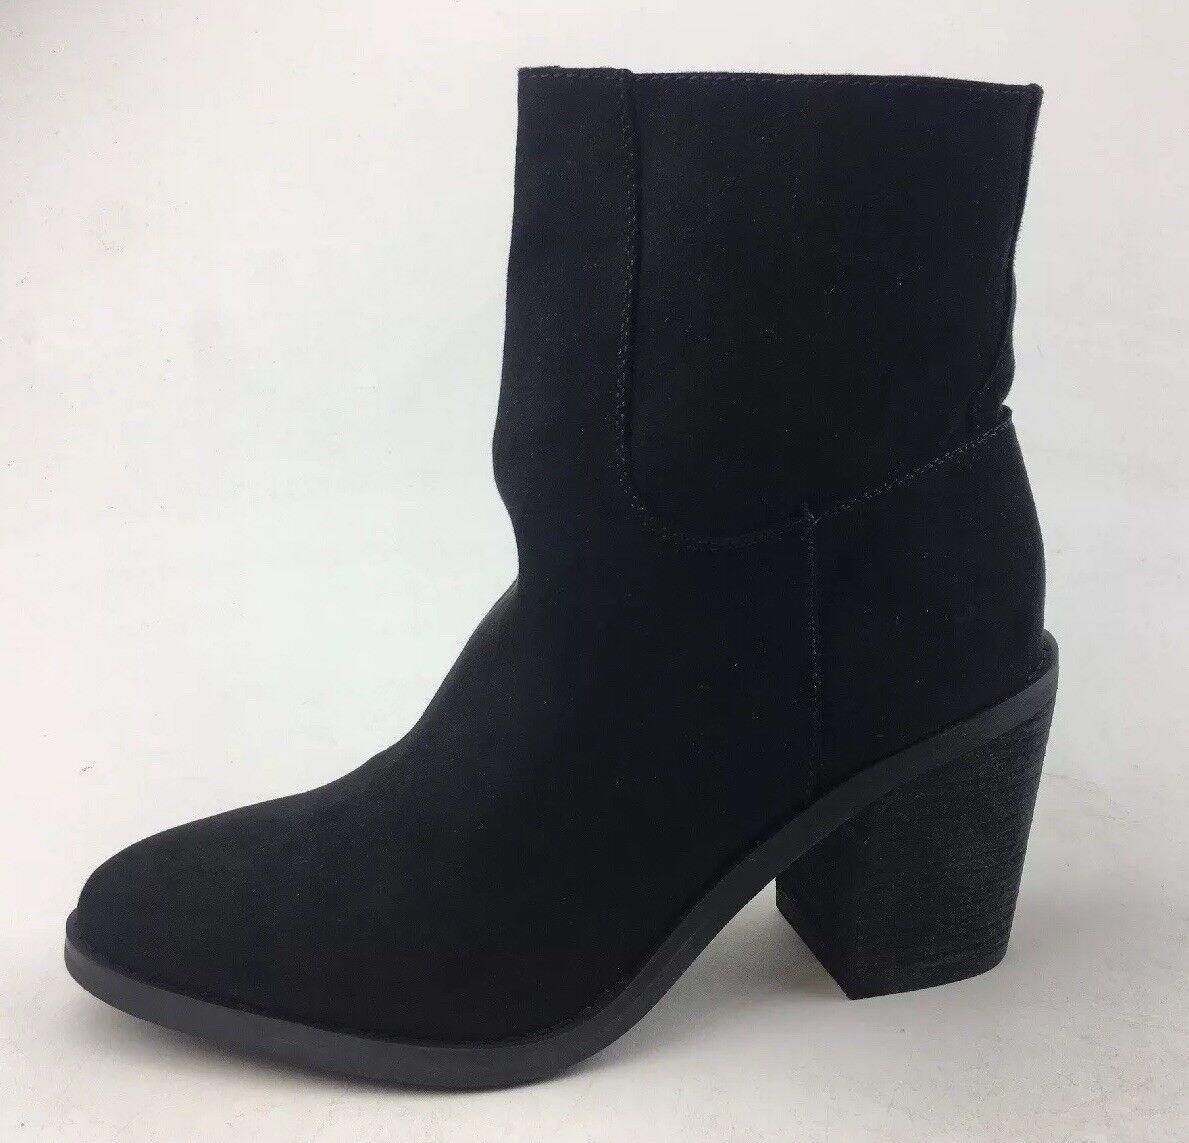 presa di marca Rocket Dog donna's Danni Chelsea Heel Heel Heel Ankle stivali Dimensione 7, nero 1145  rivenditore di fitness